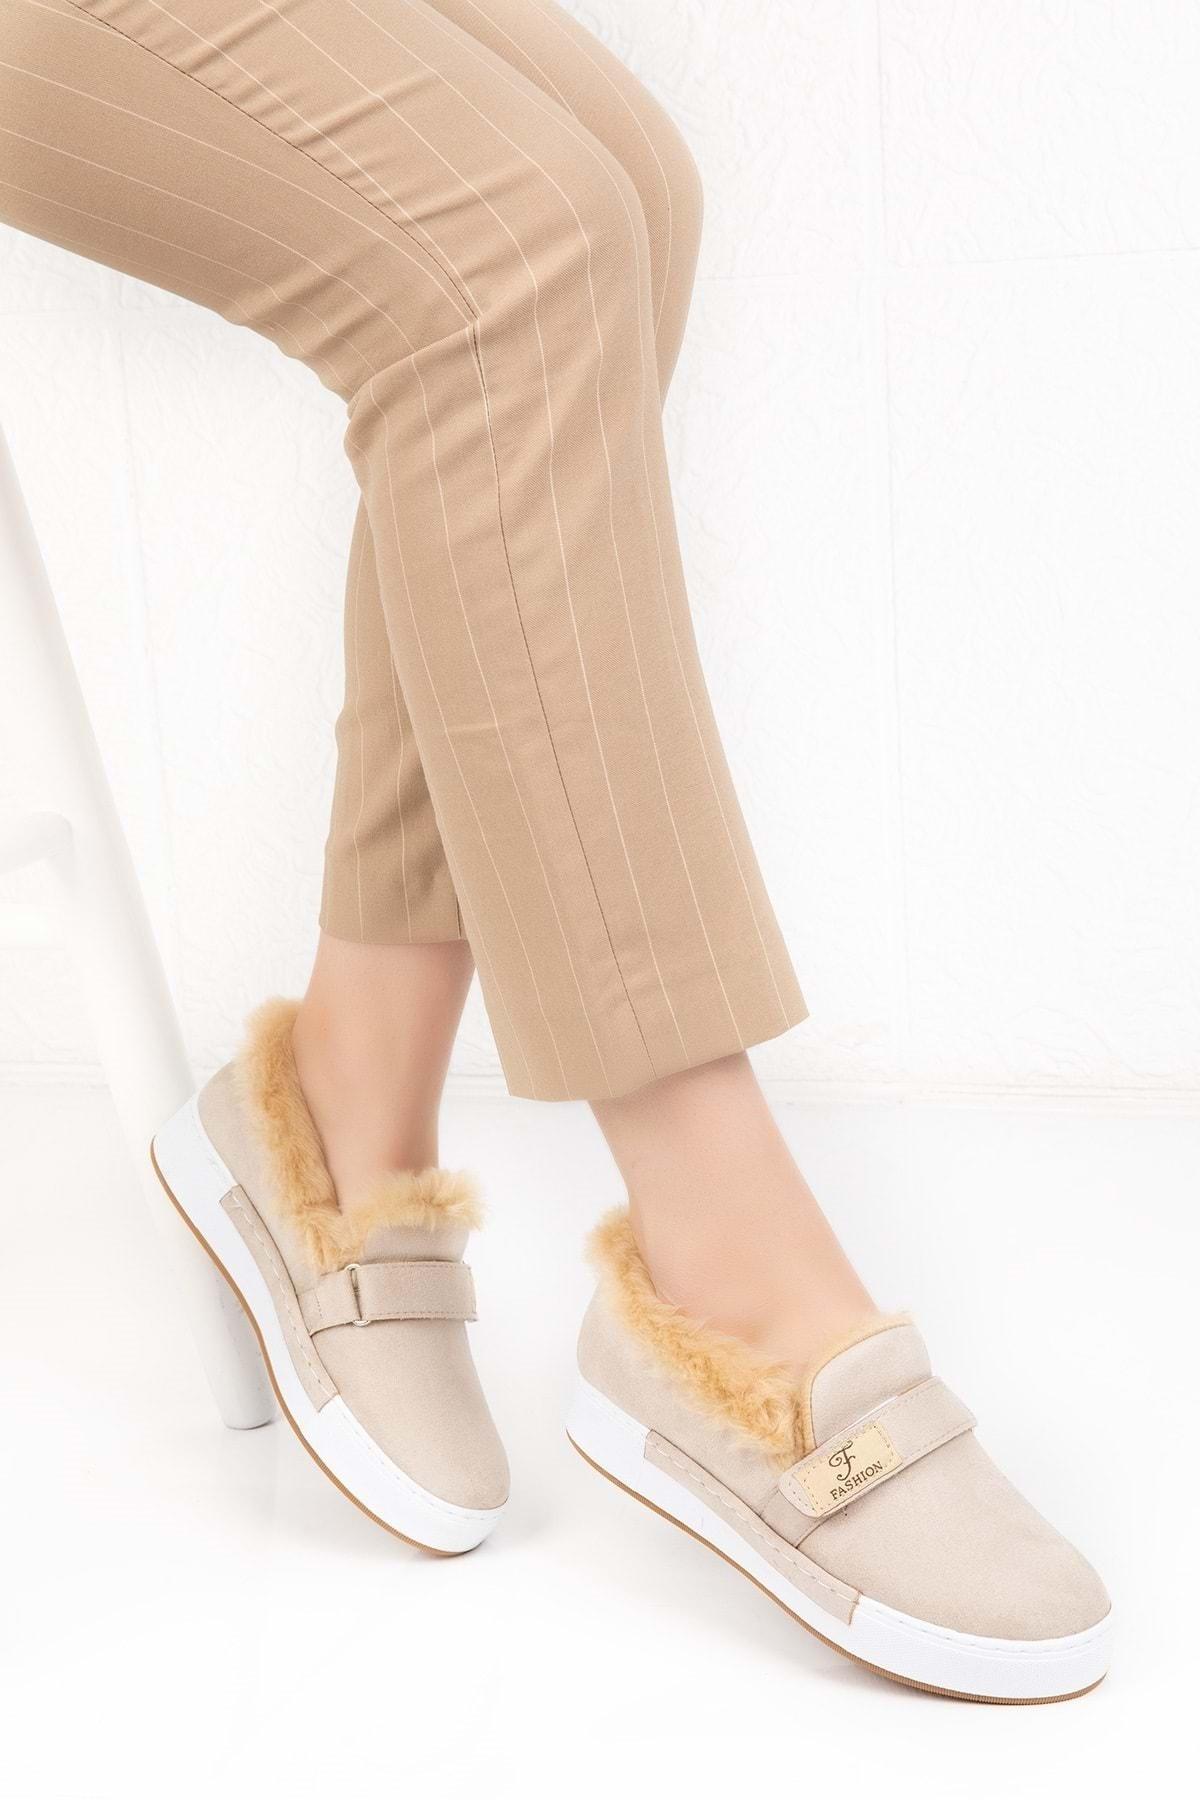 Gondol Içi Peluş Günlük Bağcıksız Ayakkabı Hsyn.90 - Krem - 37 2